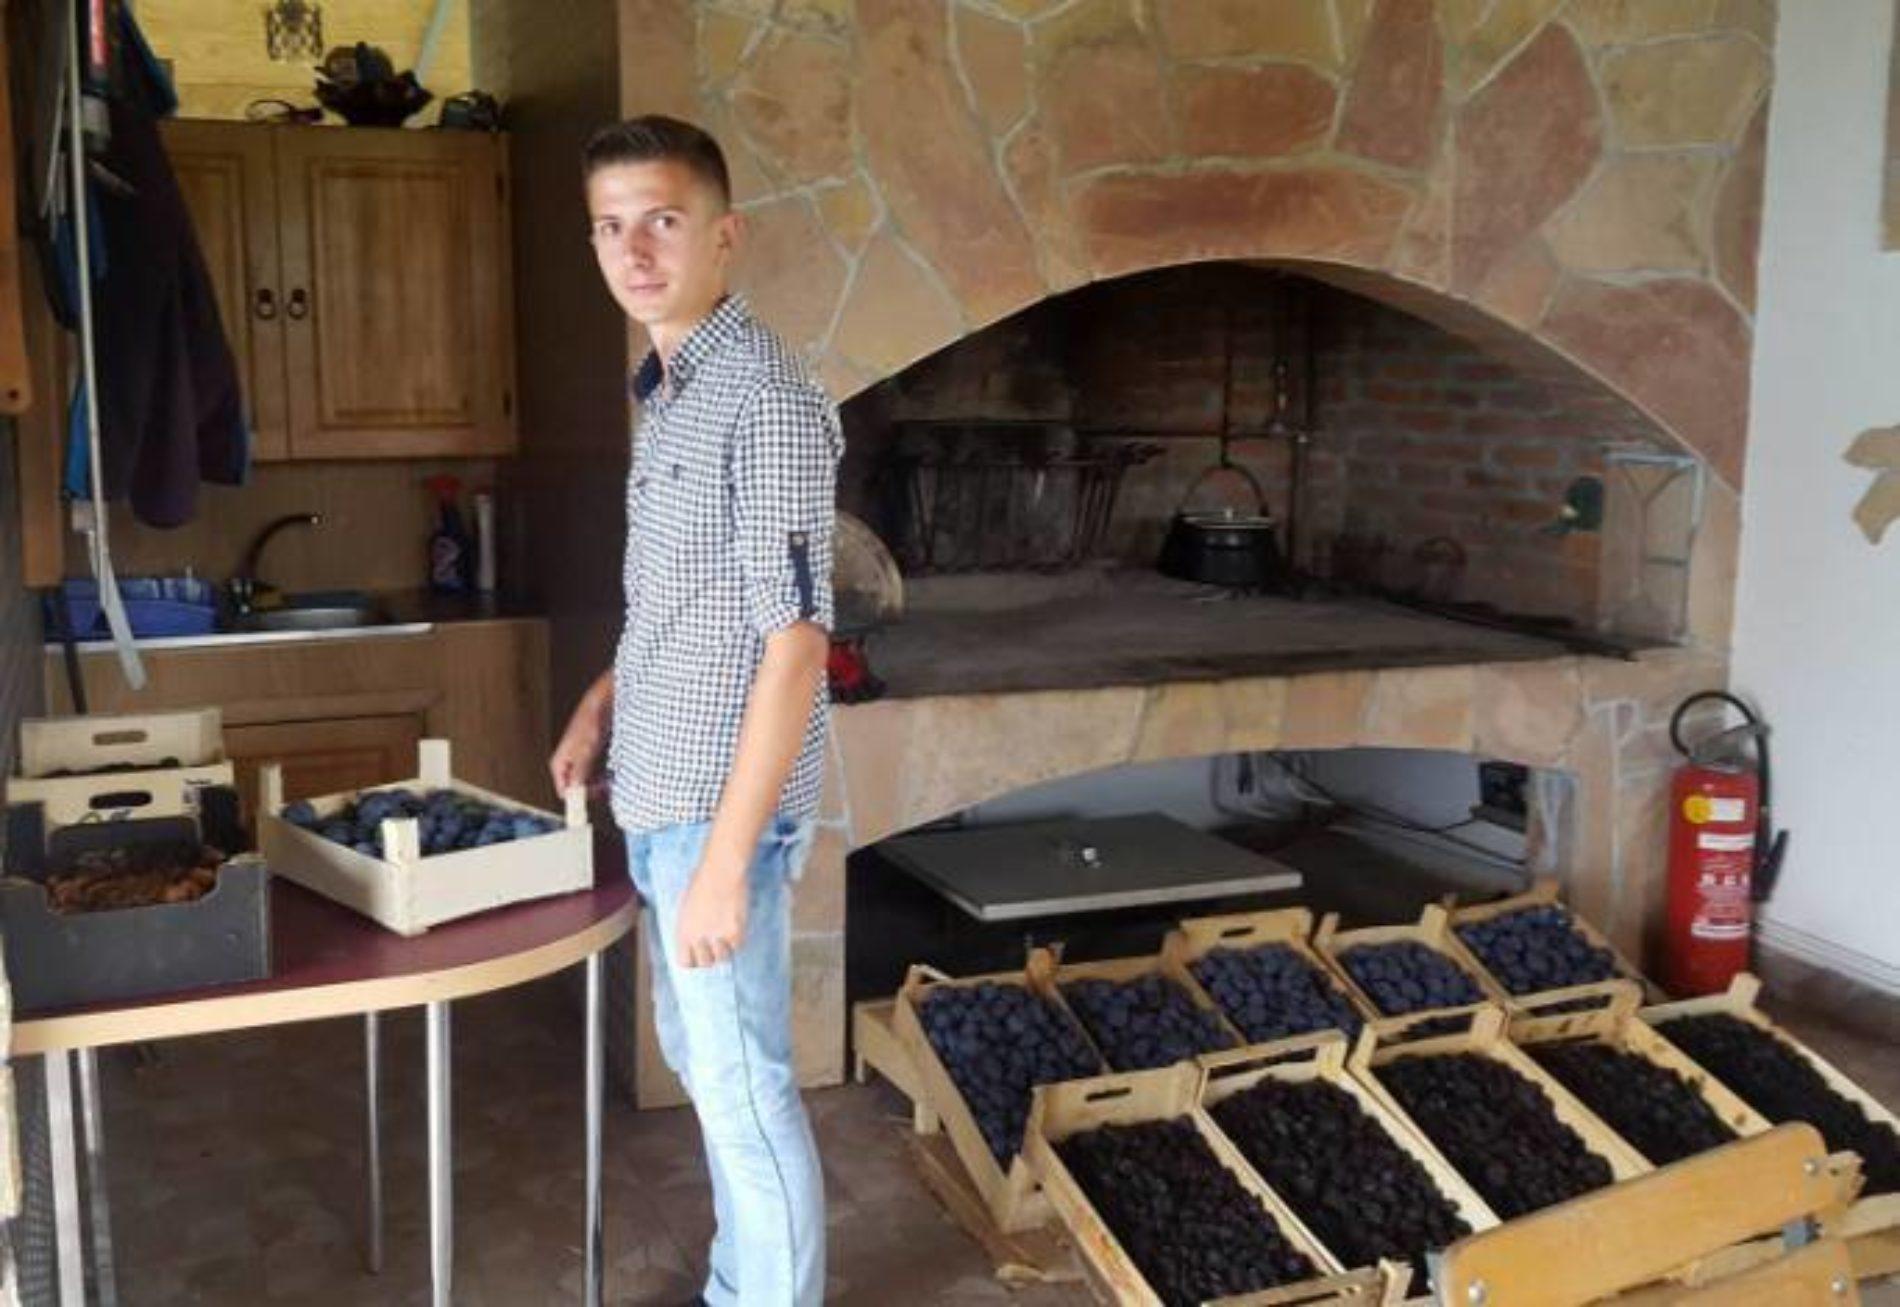 Ima posla u Bosni – Mladić iz Zavidovića suši voće: Od sušenja šljive dobro se zarađuje